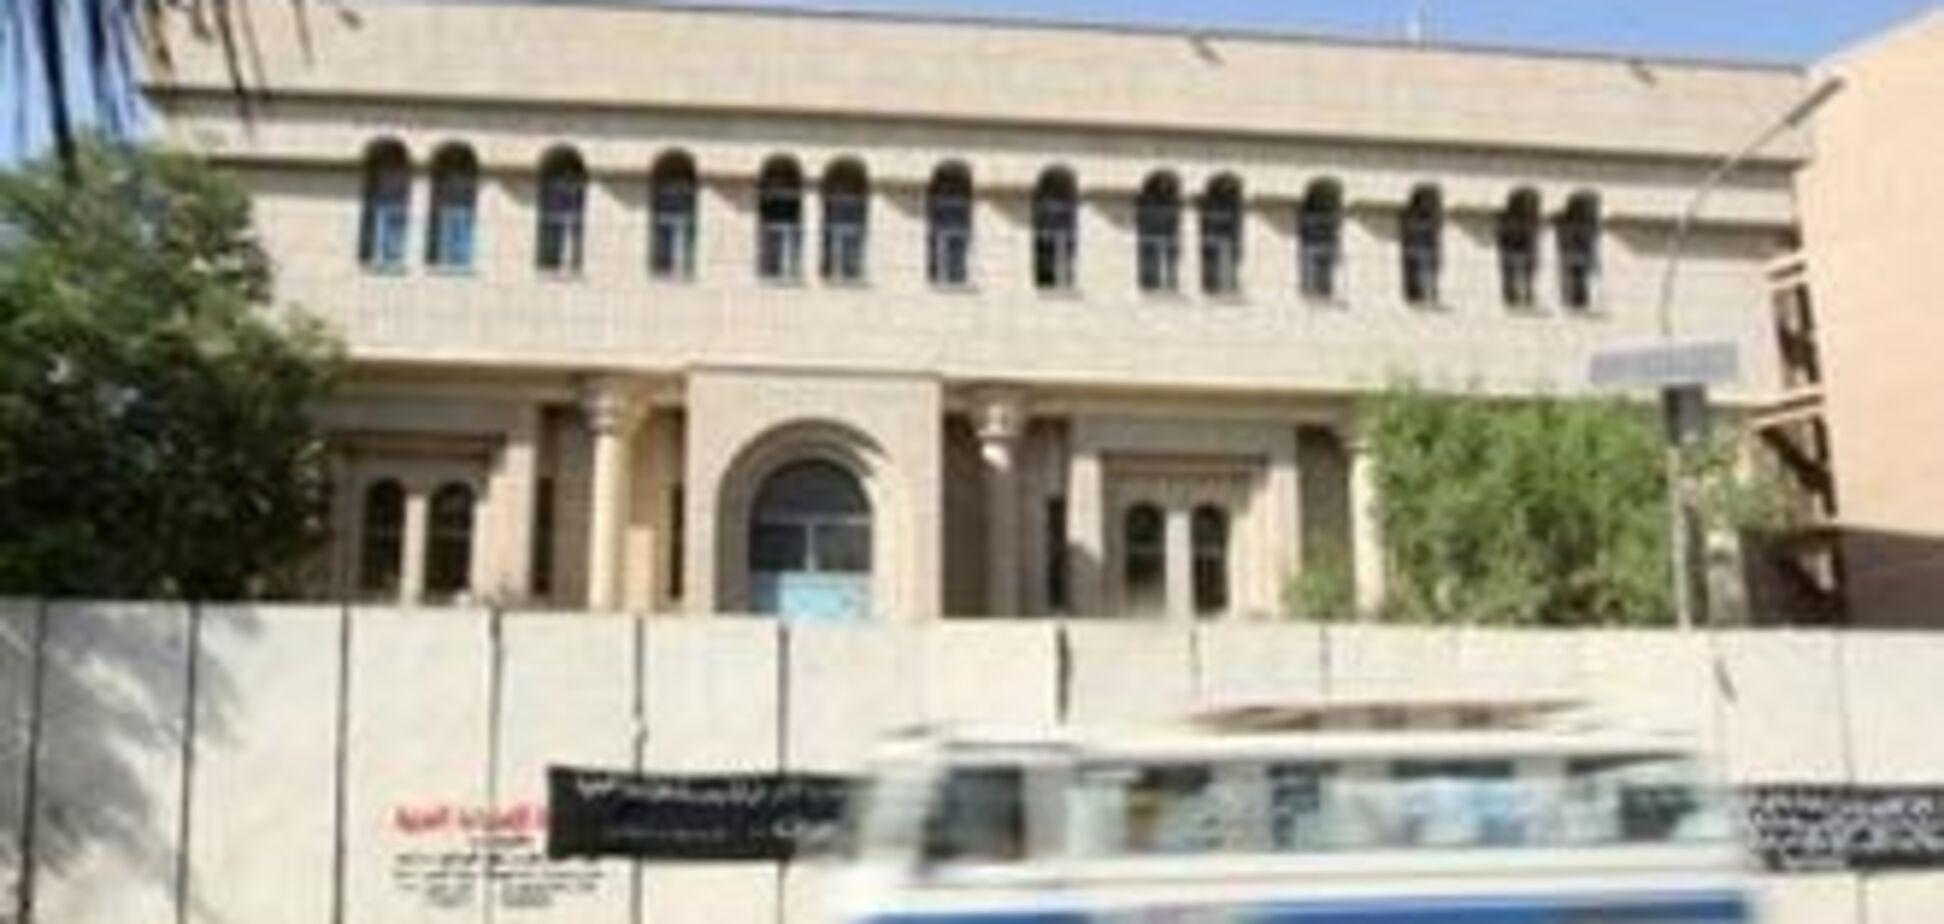 Грабіжники винесли з банку 5,5 мільйона доларів